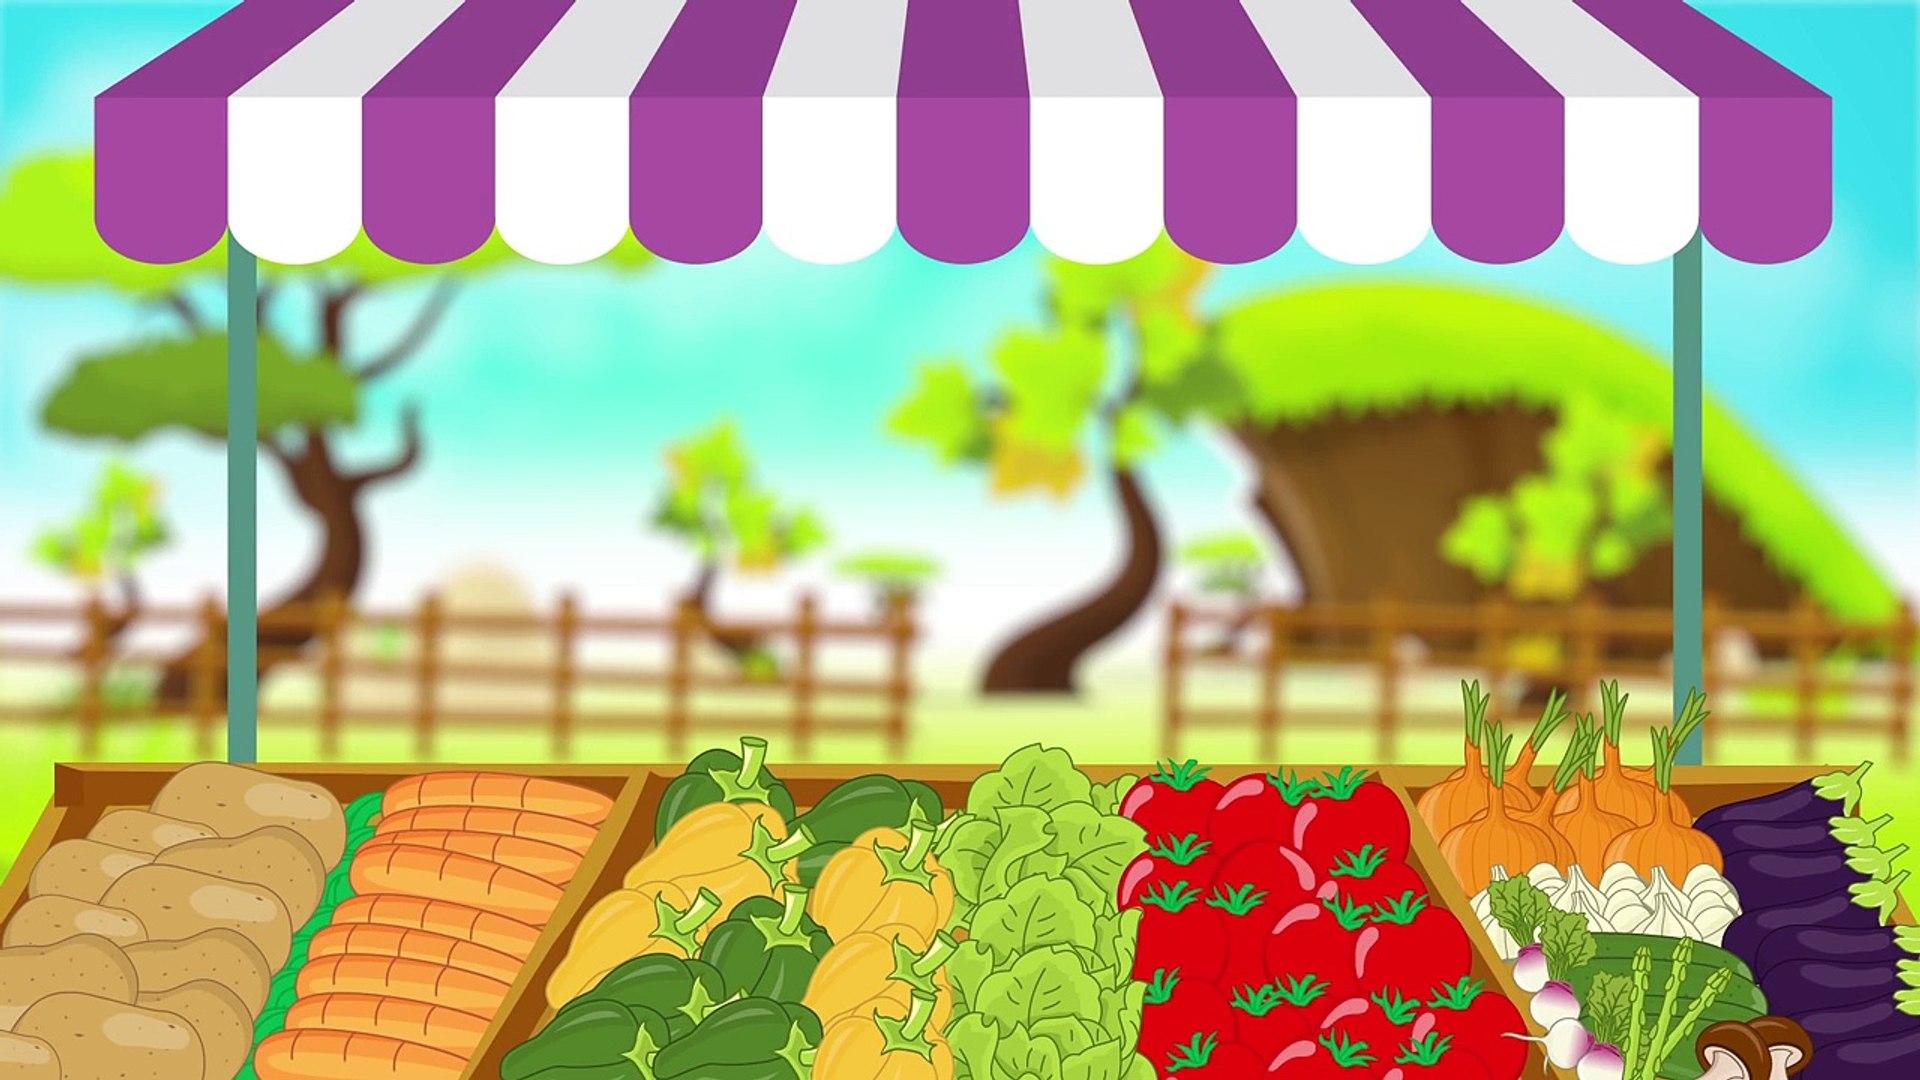 Арабский для в в в в Дети Дети ... Узнайте овощи Обучение названия овощей для детей на арабском язык